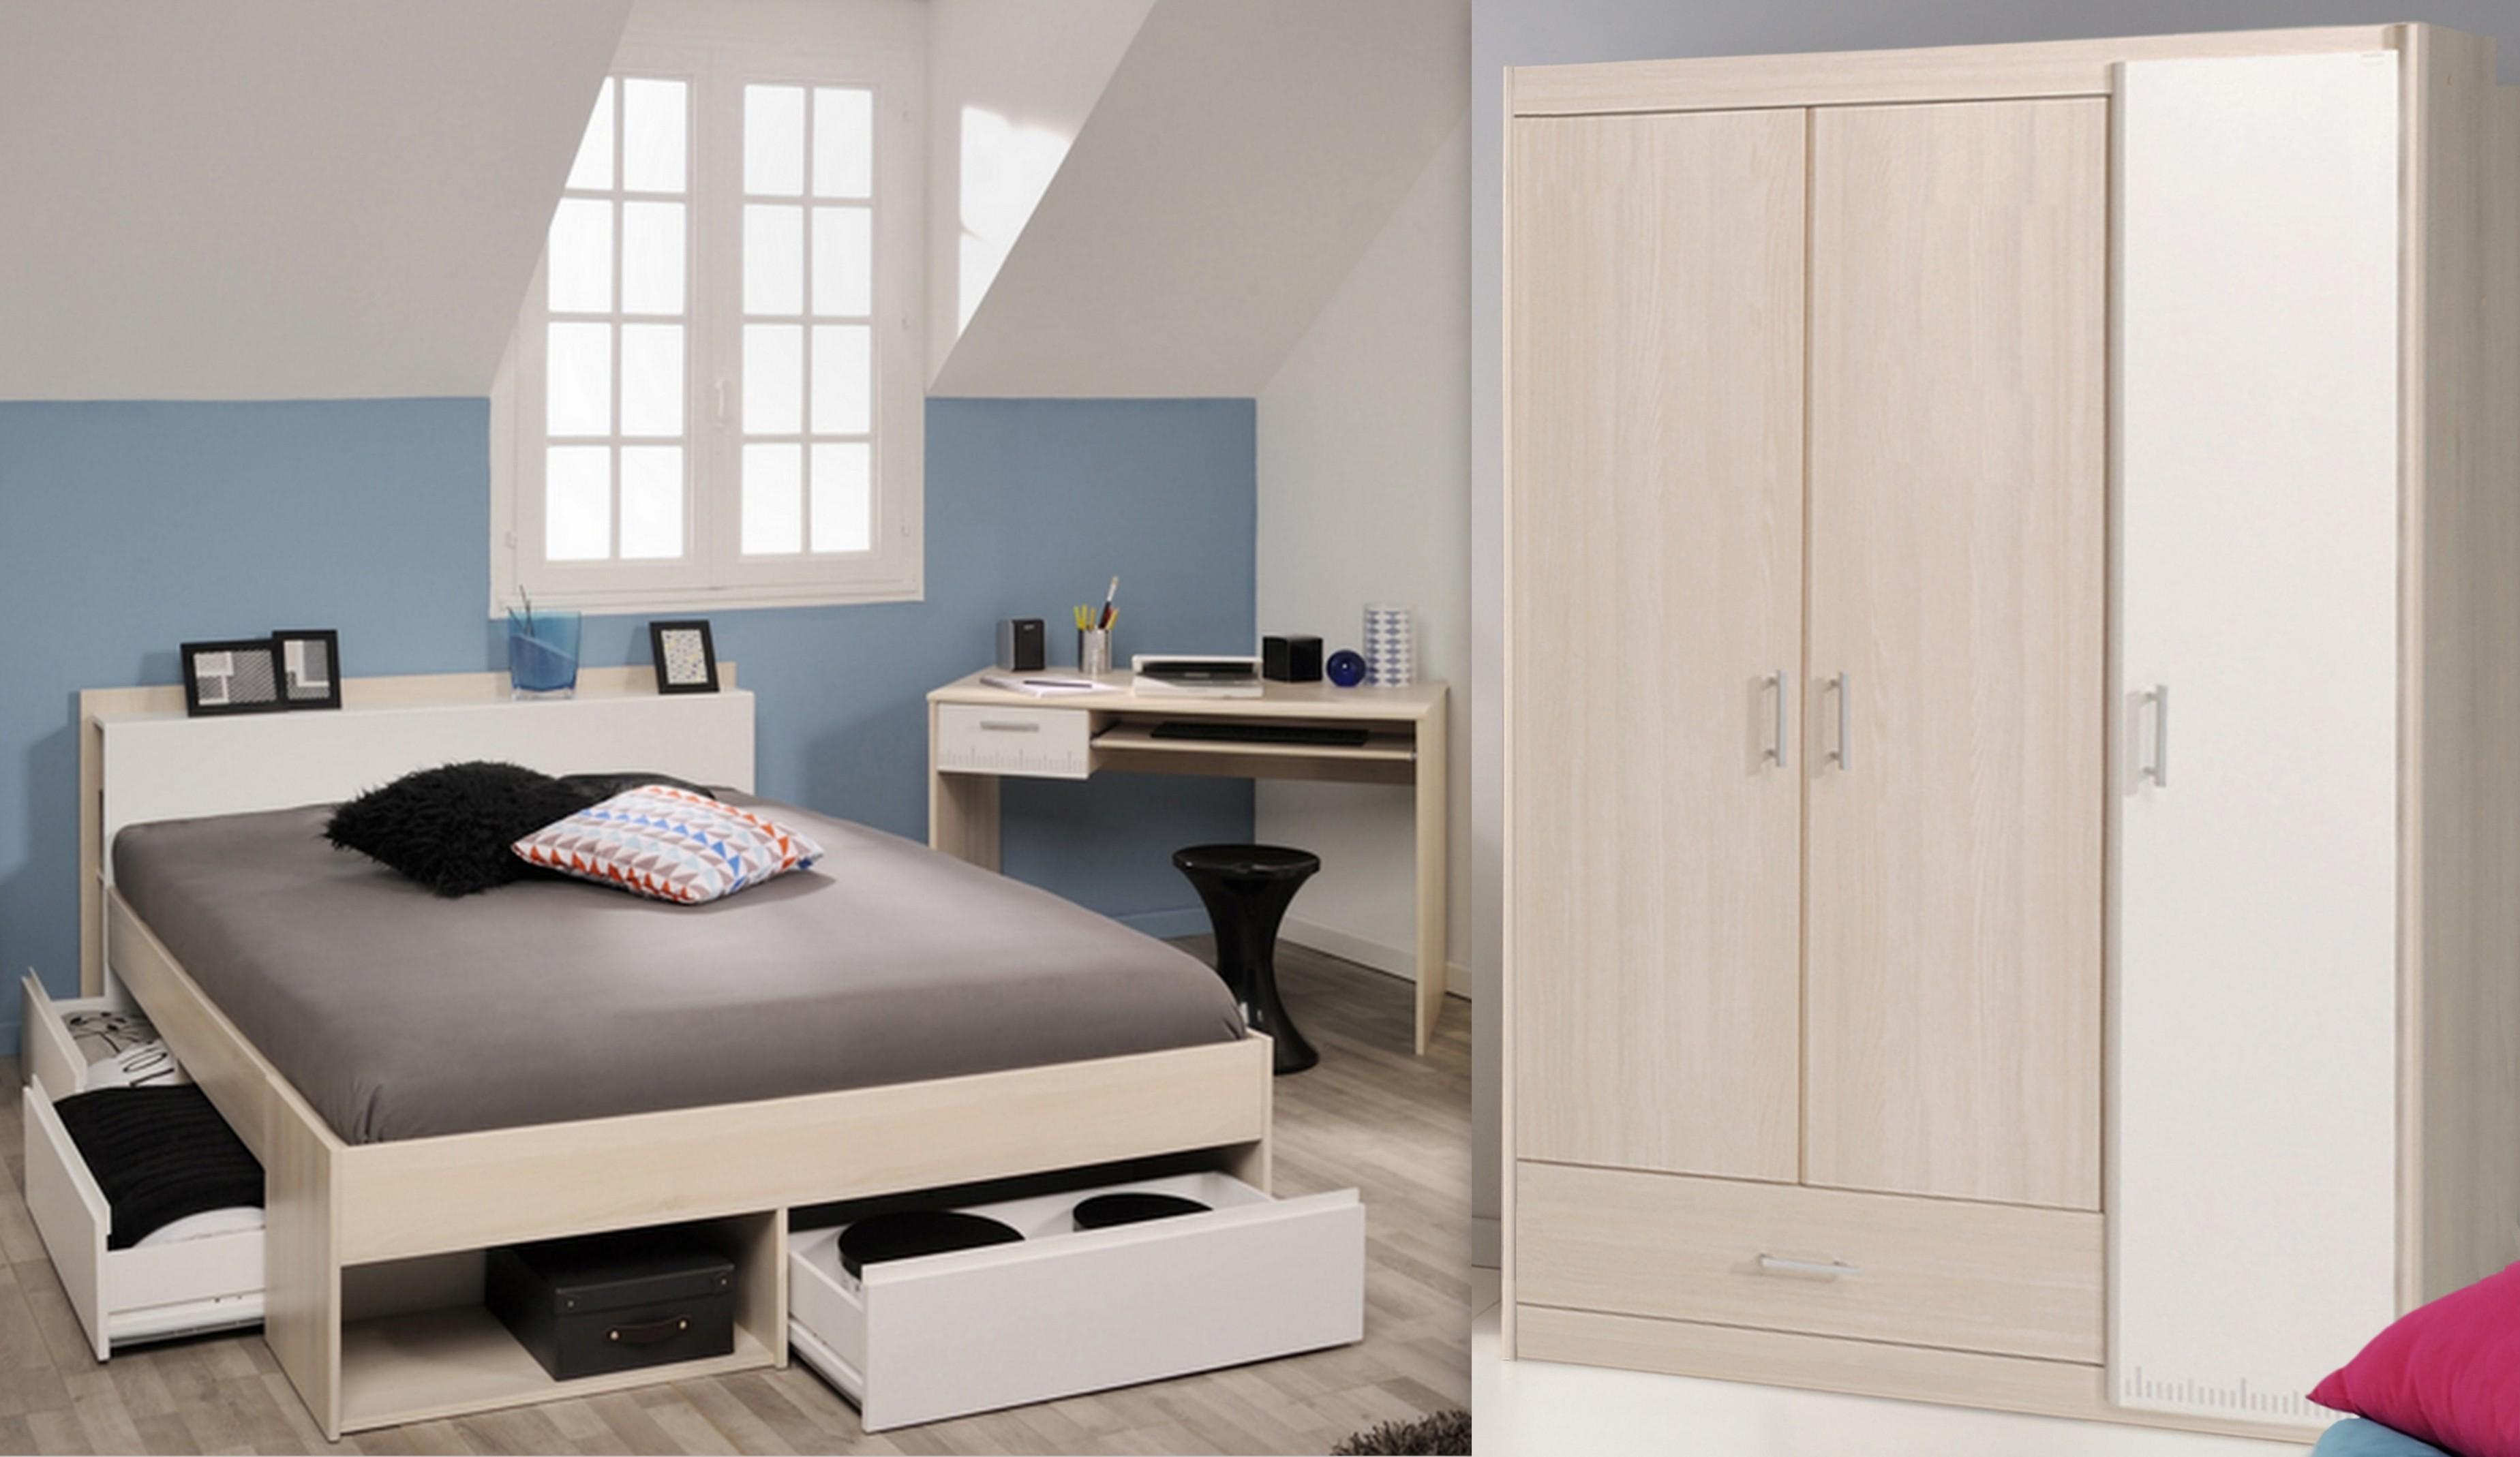 Schlafzimmer-Set 3-tlg inkl 140x200 Etagenbett u Kleiderschrank 3 ...